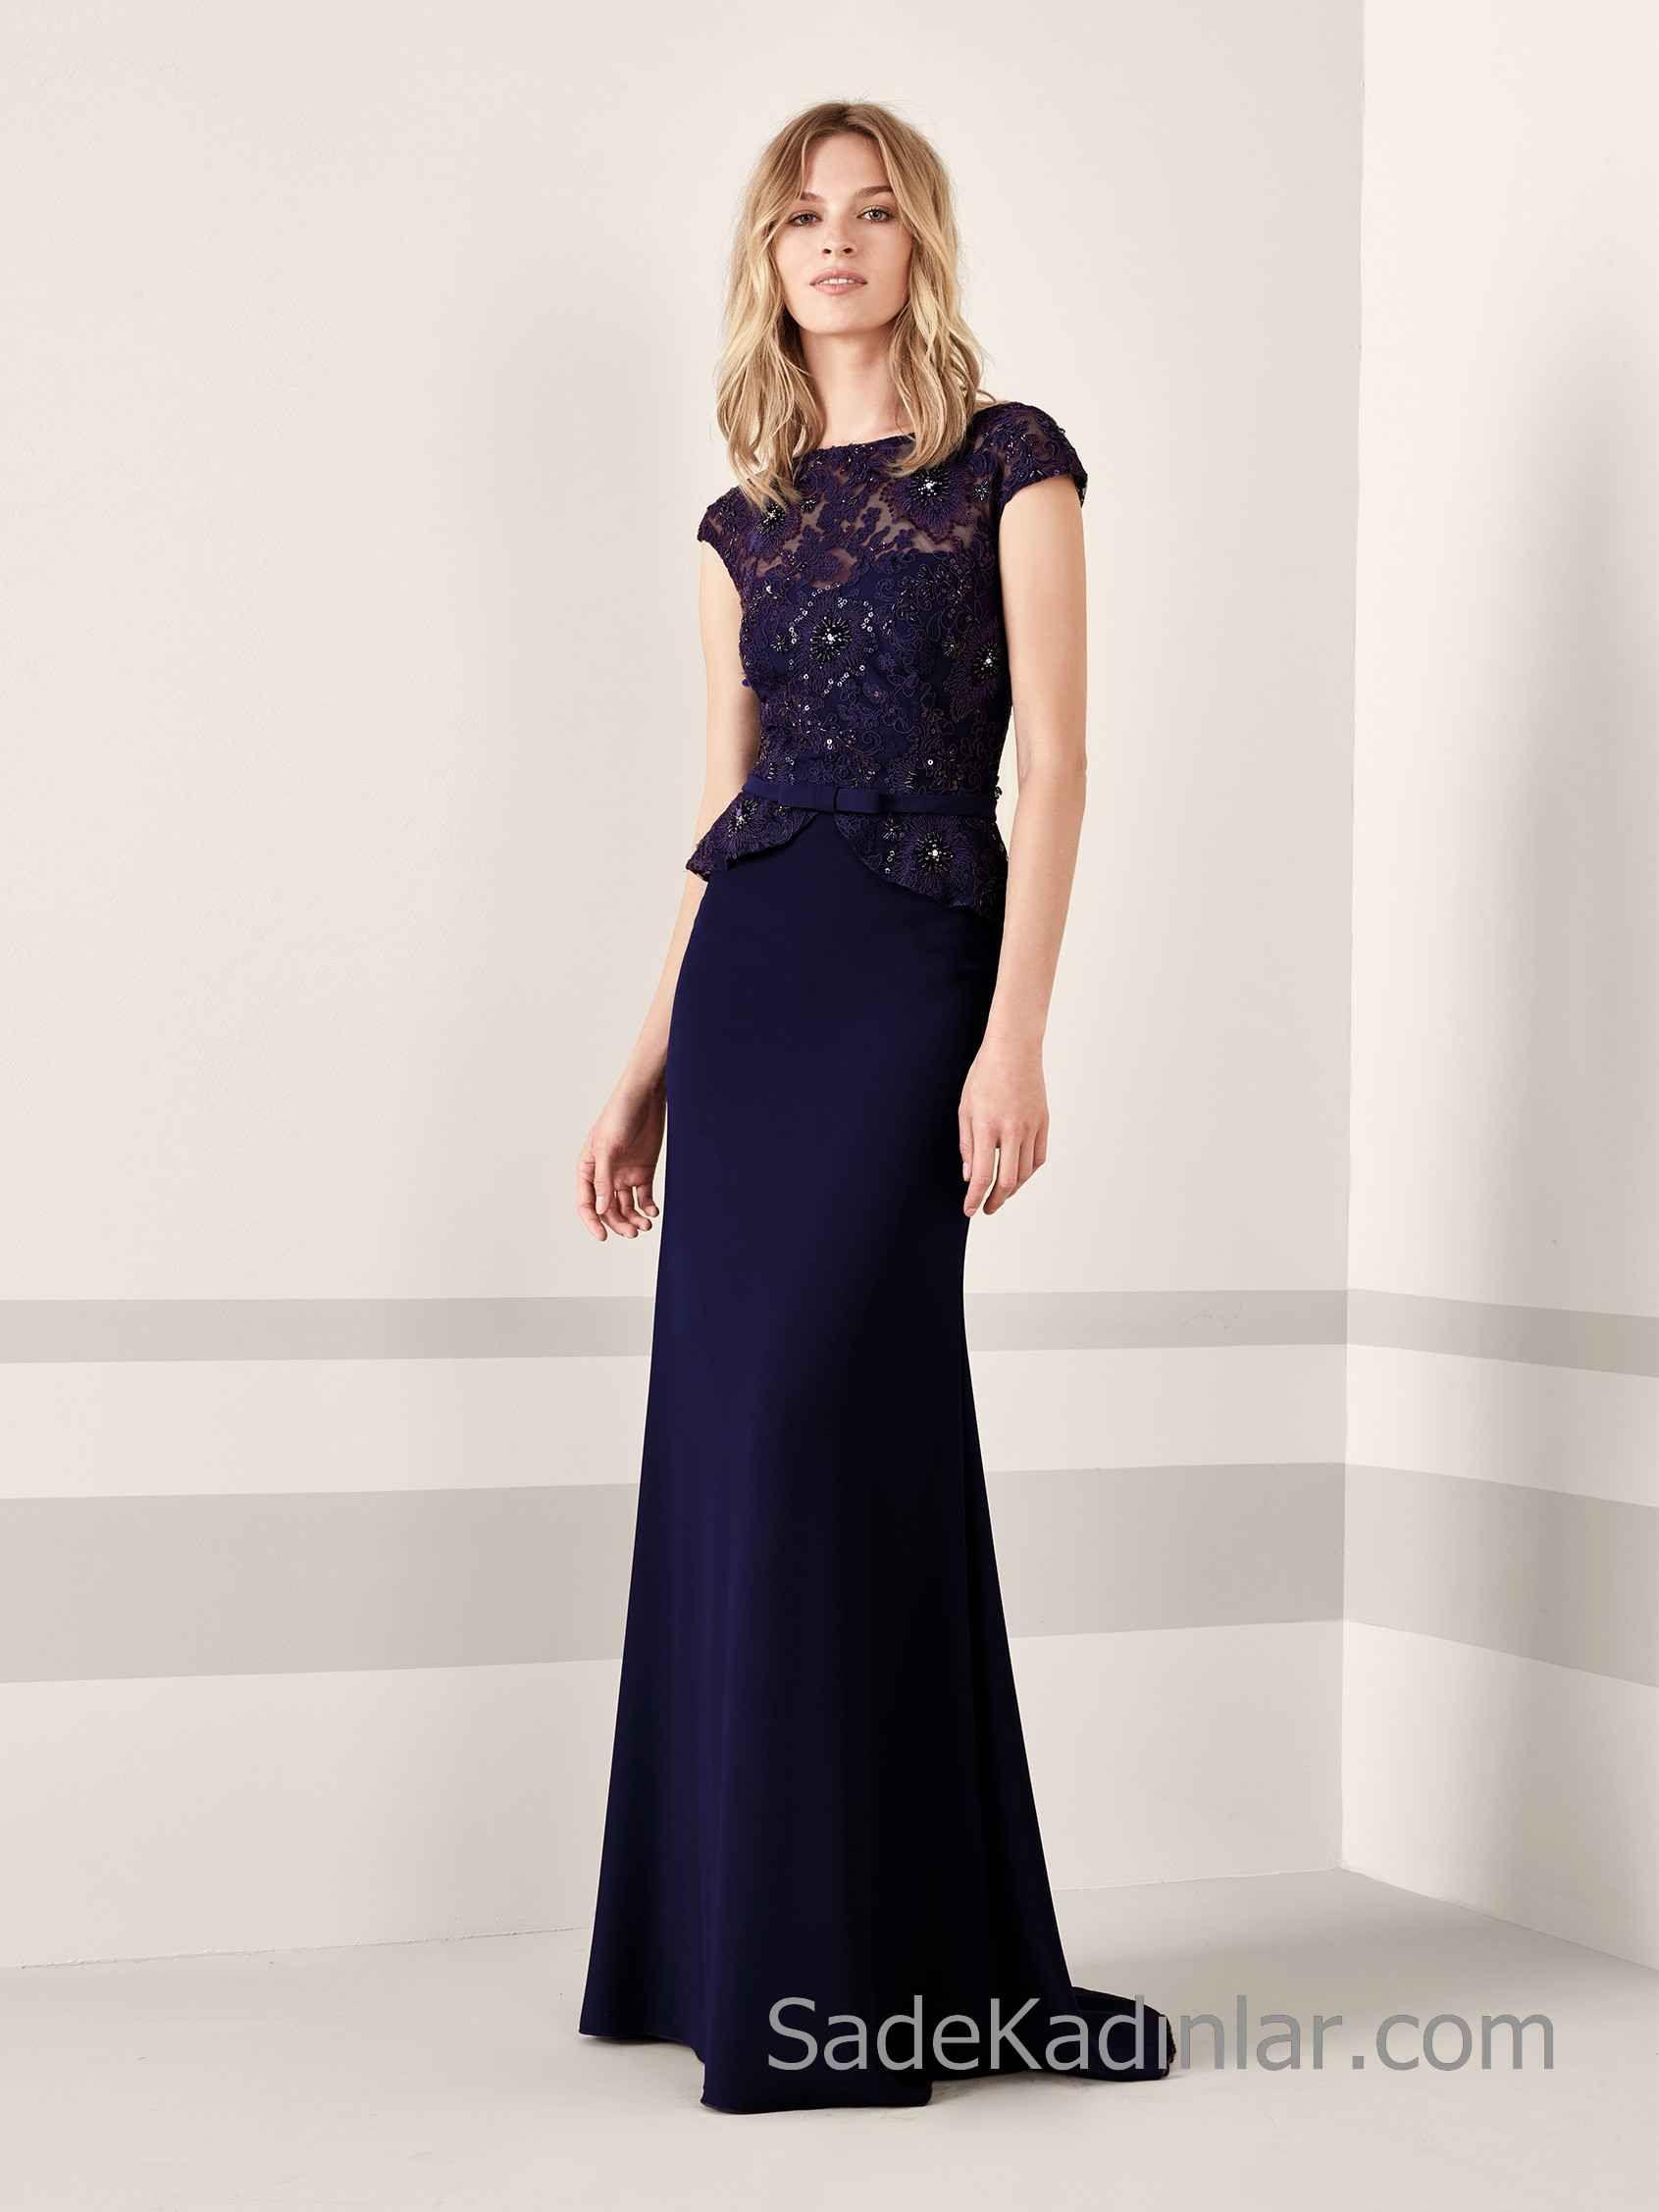 Pronovias 2020 Abiye Elbise Modelleri Lacivert Uzun Kisa Kollu Kayik Yaka Boncuk Islemeli Kisa Etekli Elbiseler The Dress Balo Elbiseleri